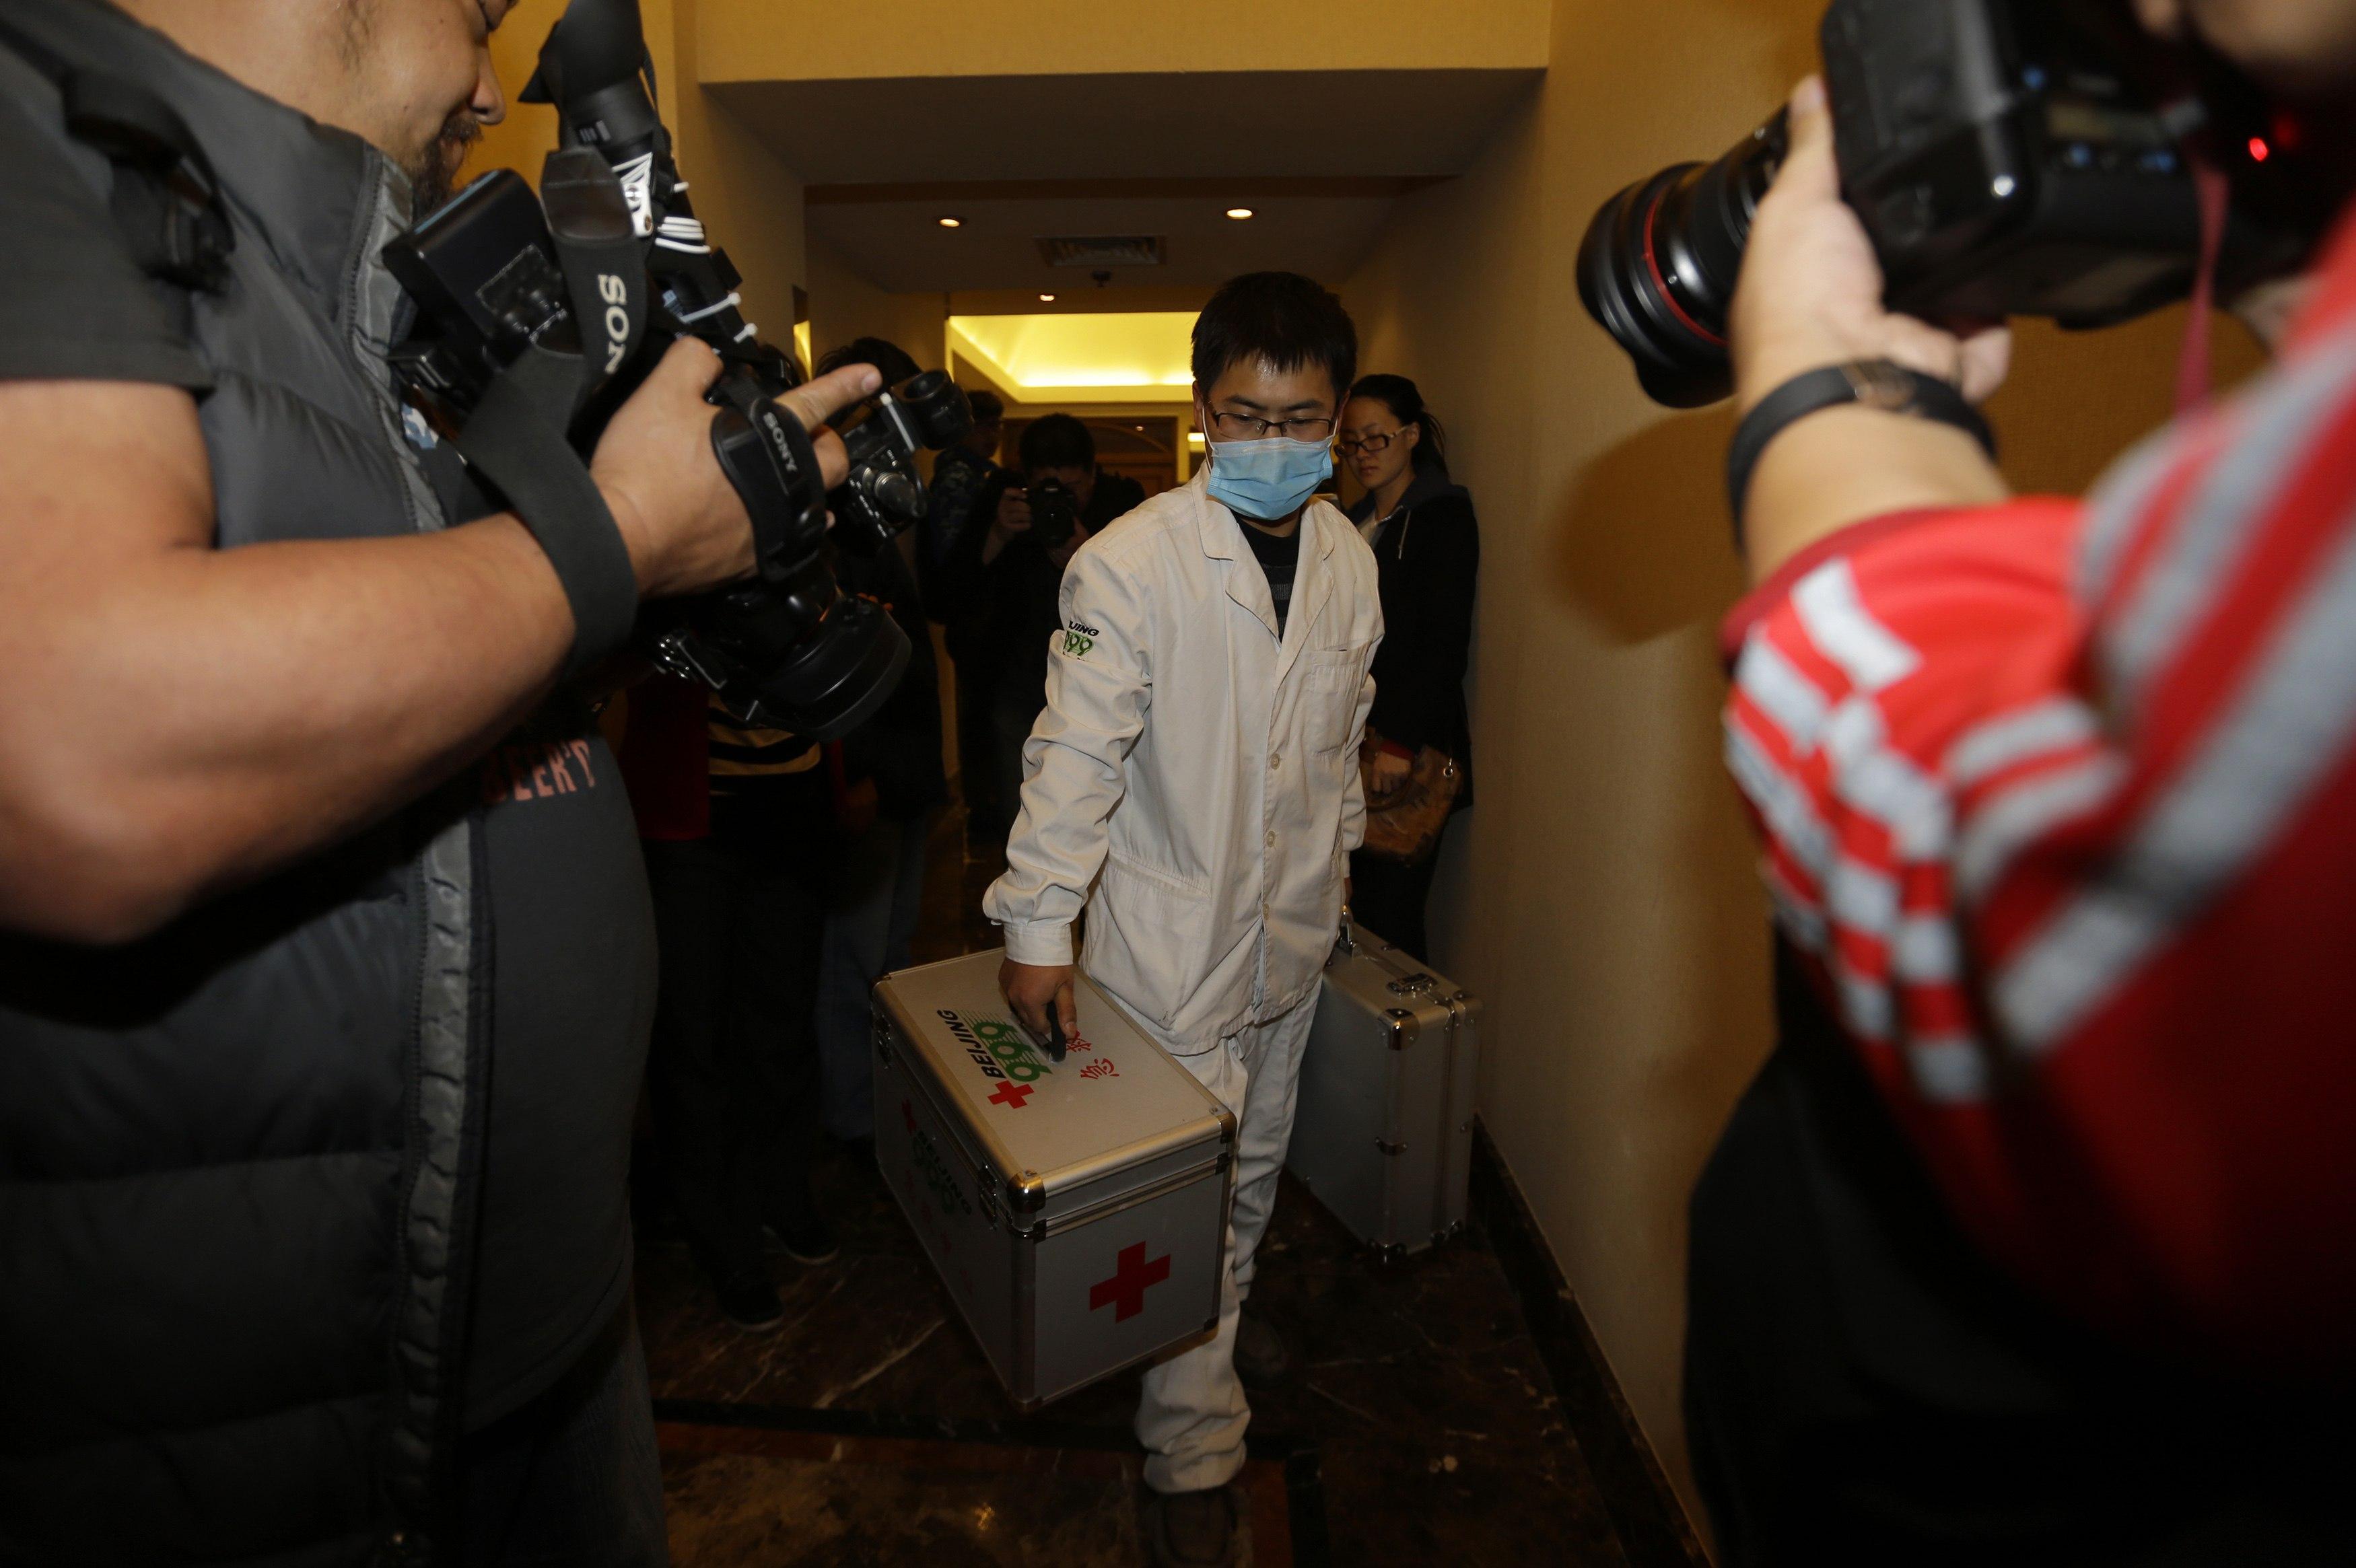 Um enfermeiro carrega um kit de primeiros-socorros enquanto atravessa o corredor do hotel onde estão hospedados os familiares dos passageiros a bordo do Malaysia Airlines MH370, em Beijing | Jason Lee/ Reuters